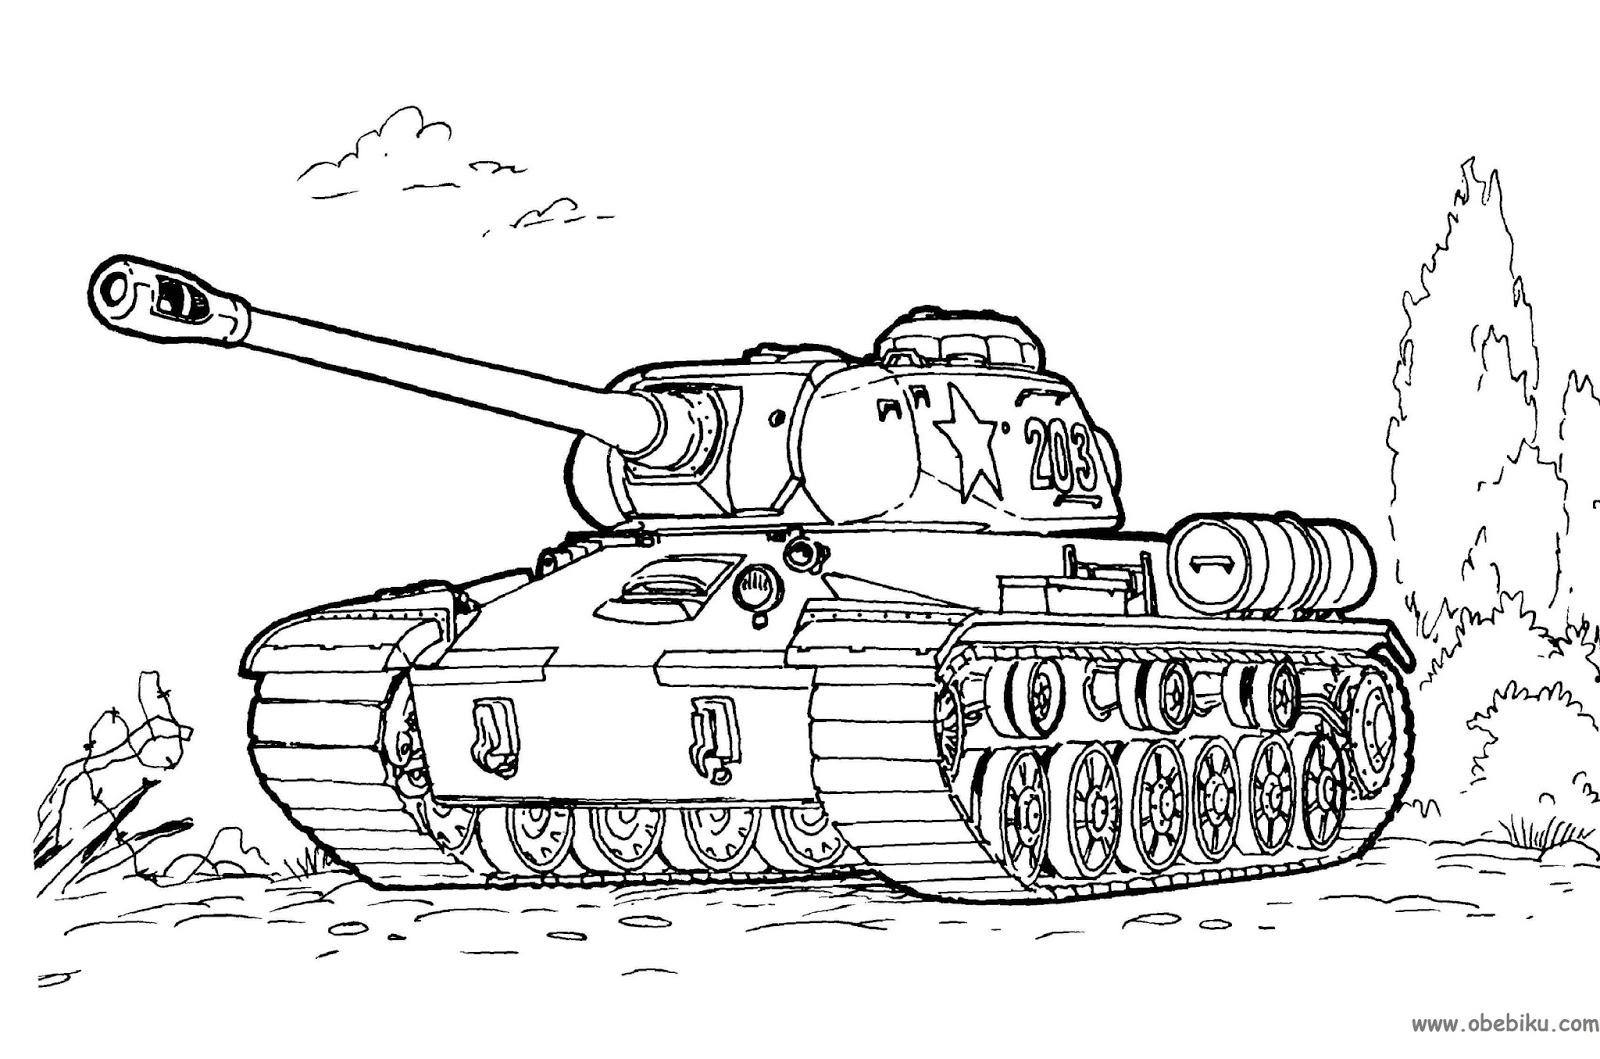 Koleksi Mewarnai Gambar Kapal Perang